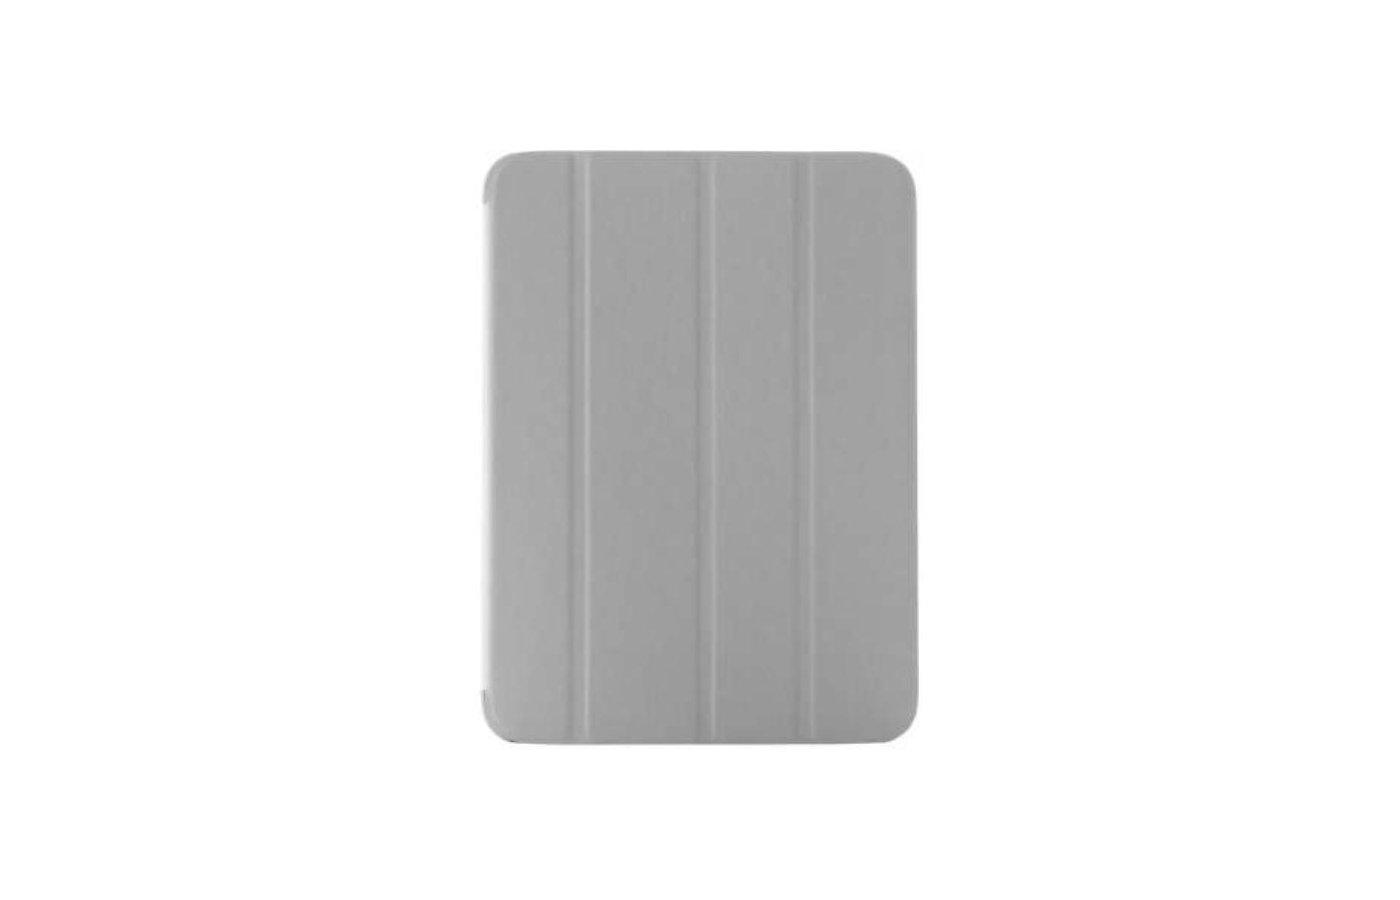 Чехол для планшетного ПК TF для Samsung Galaxy Tab 3 10.1 TF SS TF201702 белый